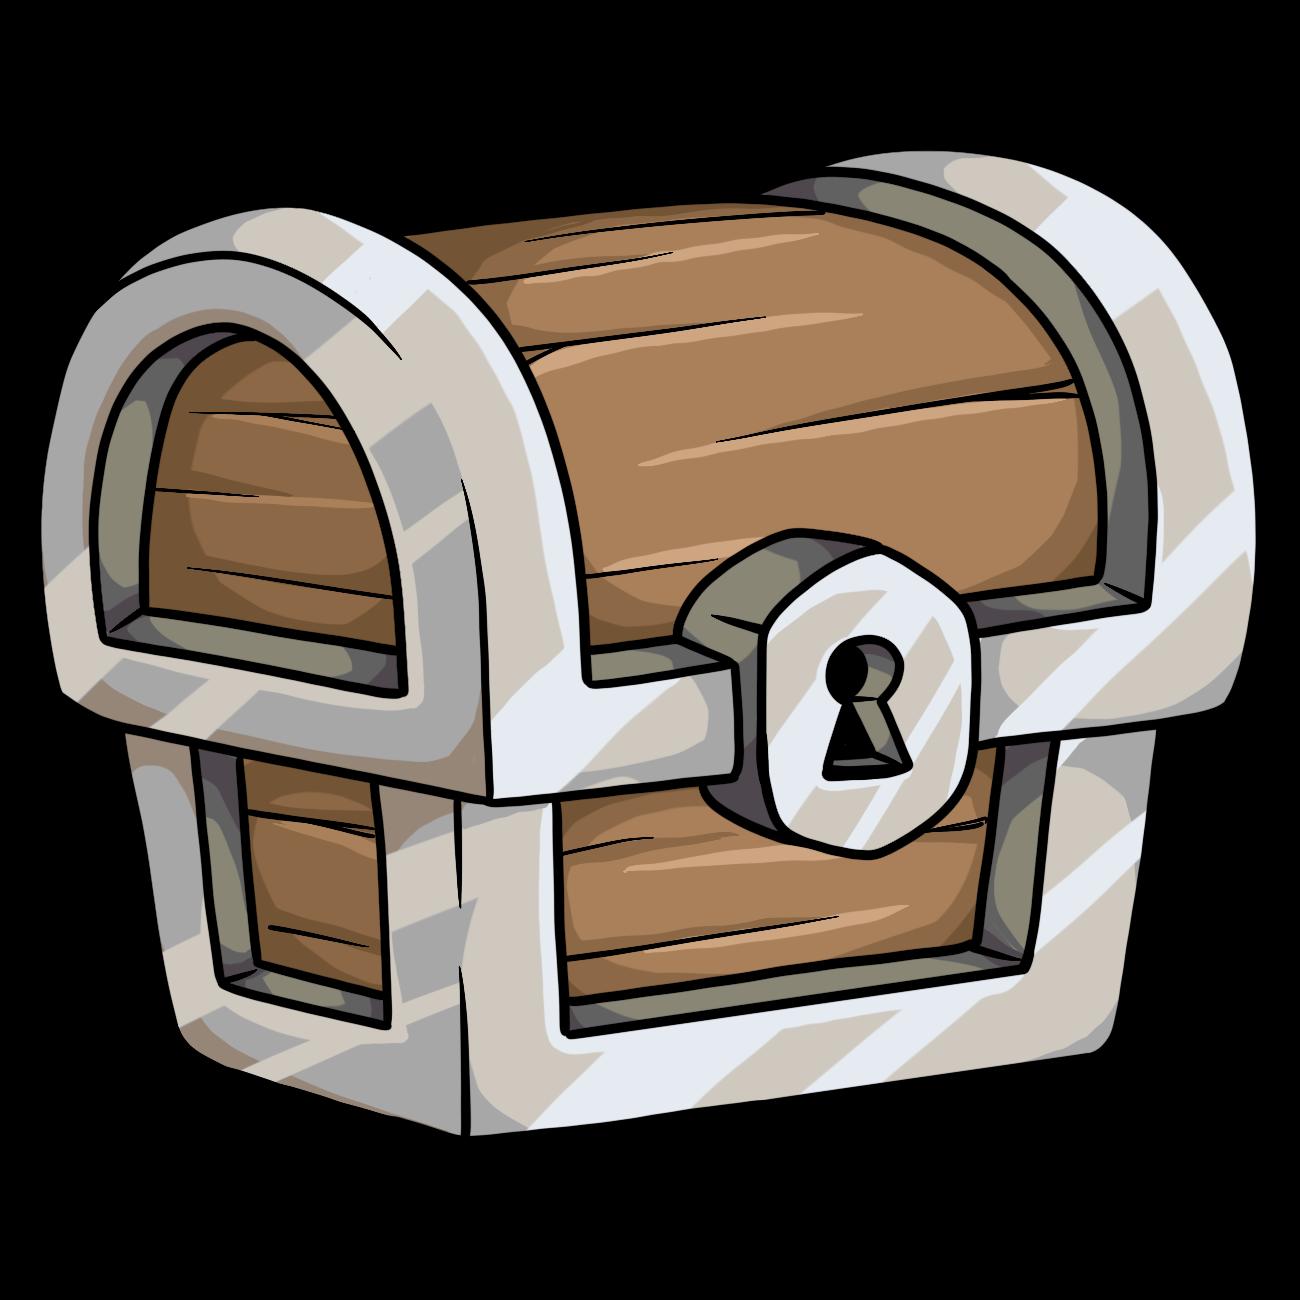 x1 Normal Treasure Chest